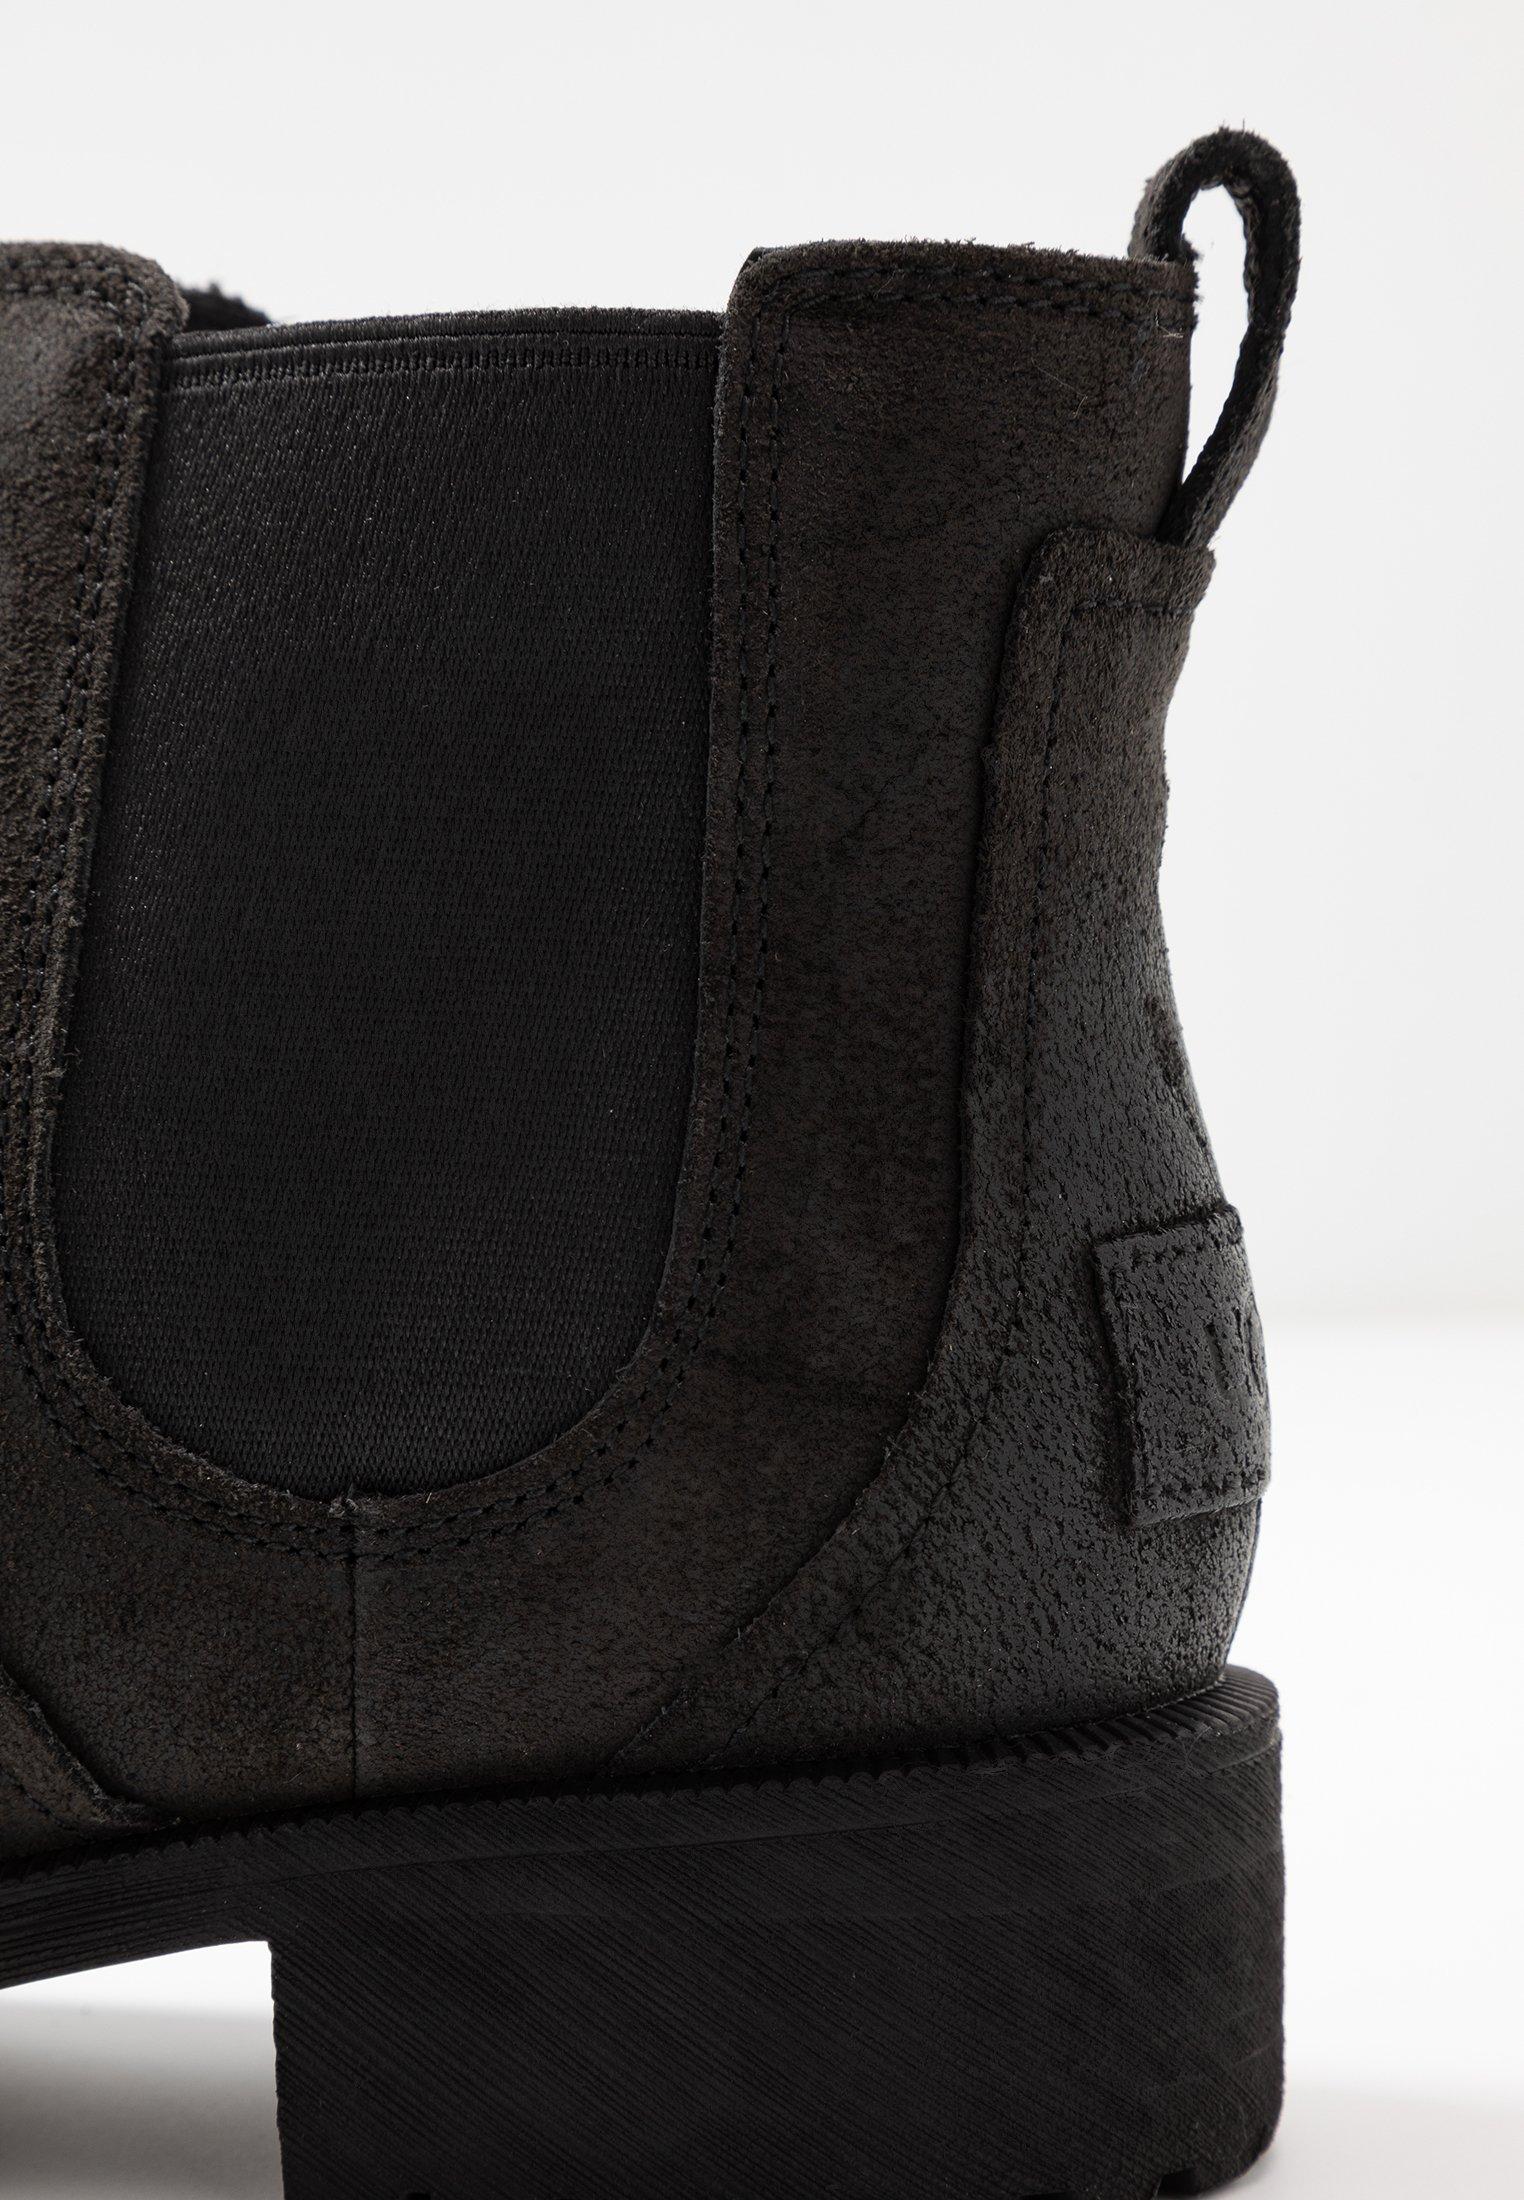 BONHAM BOOT Stövletter black